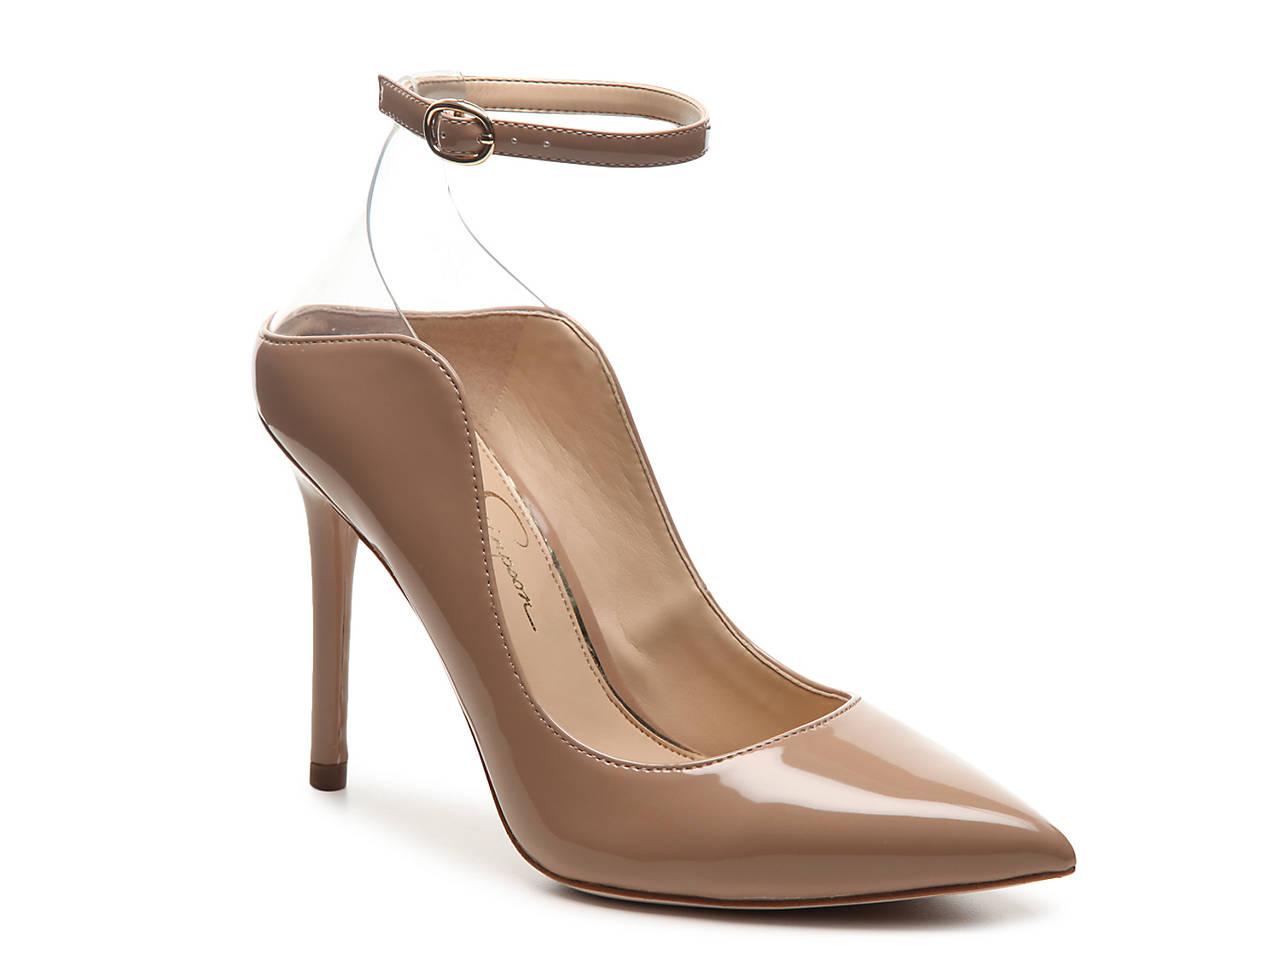 c64157a72e Jessica Simpson Libbie Pump Women s Shoes